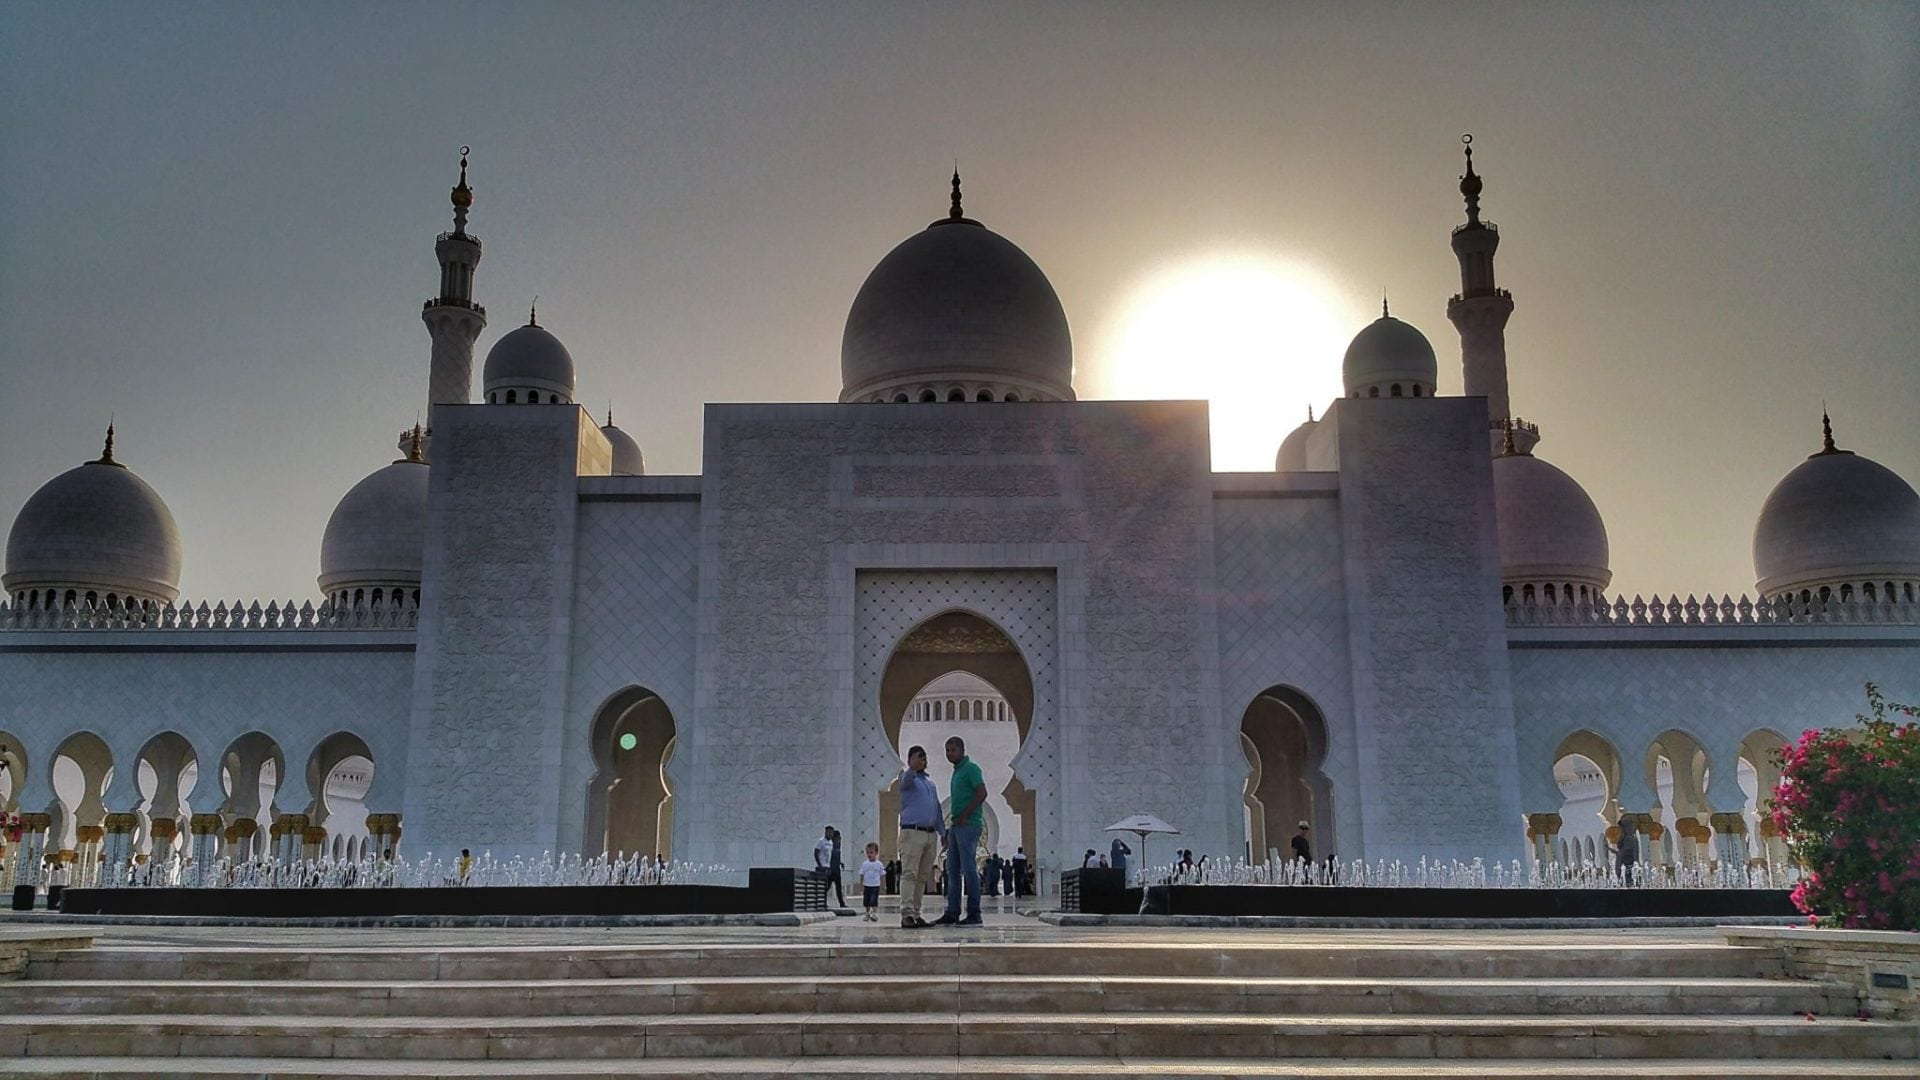 جامع الشيخ زايد - عندما ترون صورا رائعة كهذه، اعلموا أني لست من صورها وانما زوجتي ريم